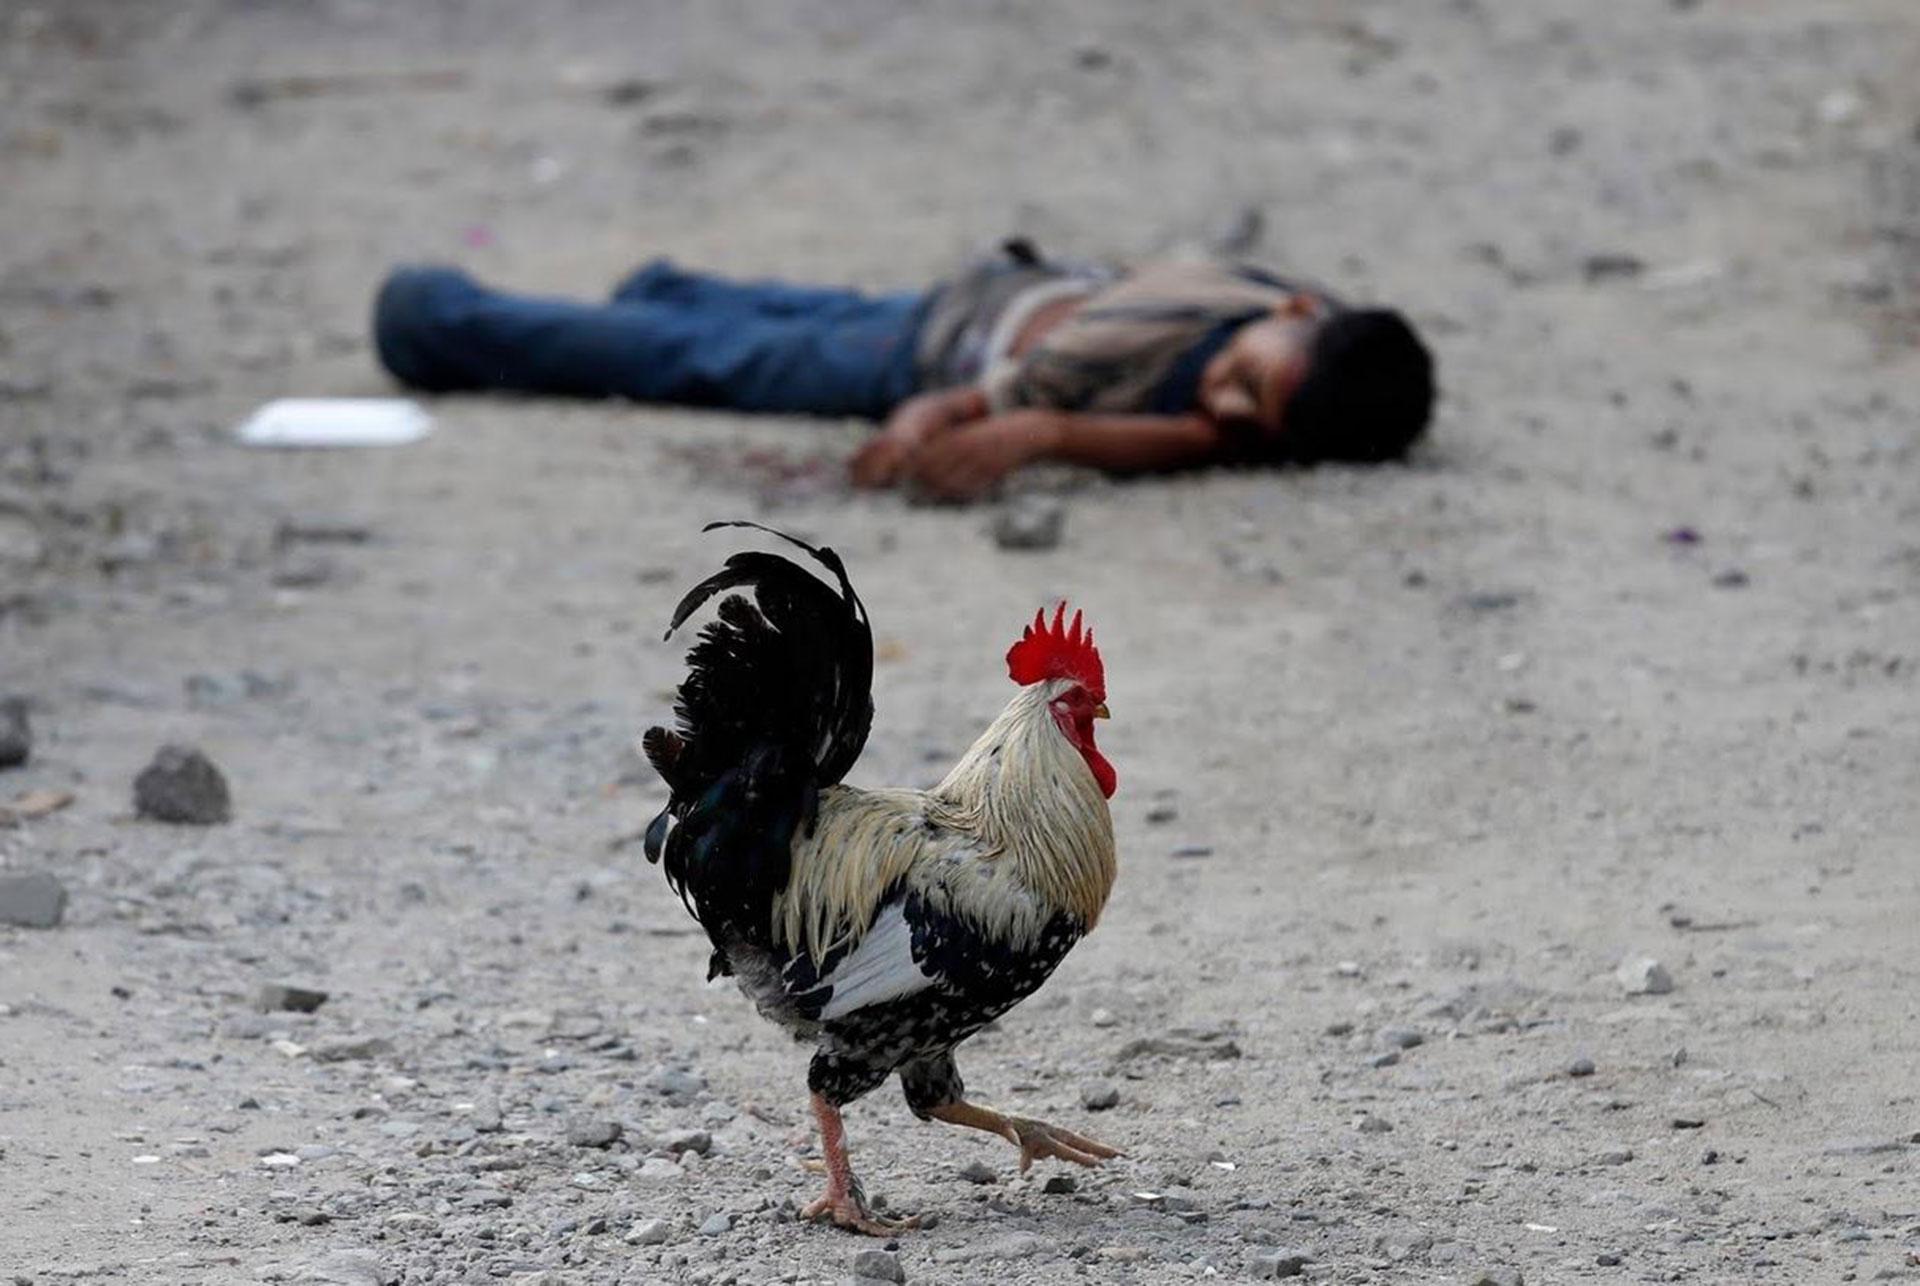 La violencia en Honduras no cesa y la gente busca escapar de ese oscuro panorama (Reuters)